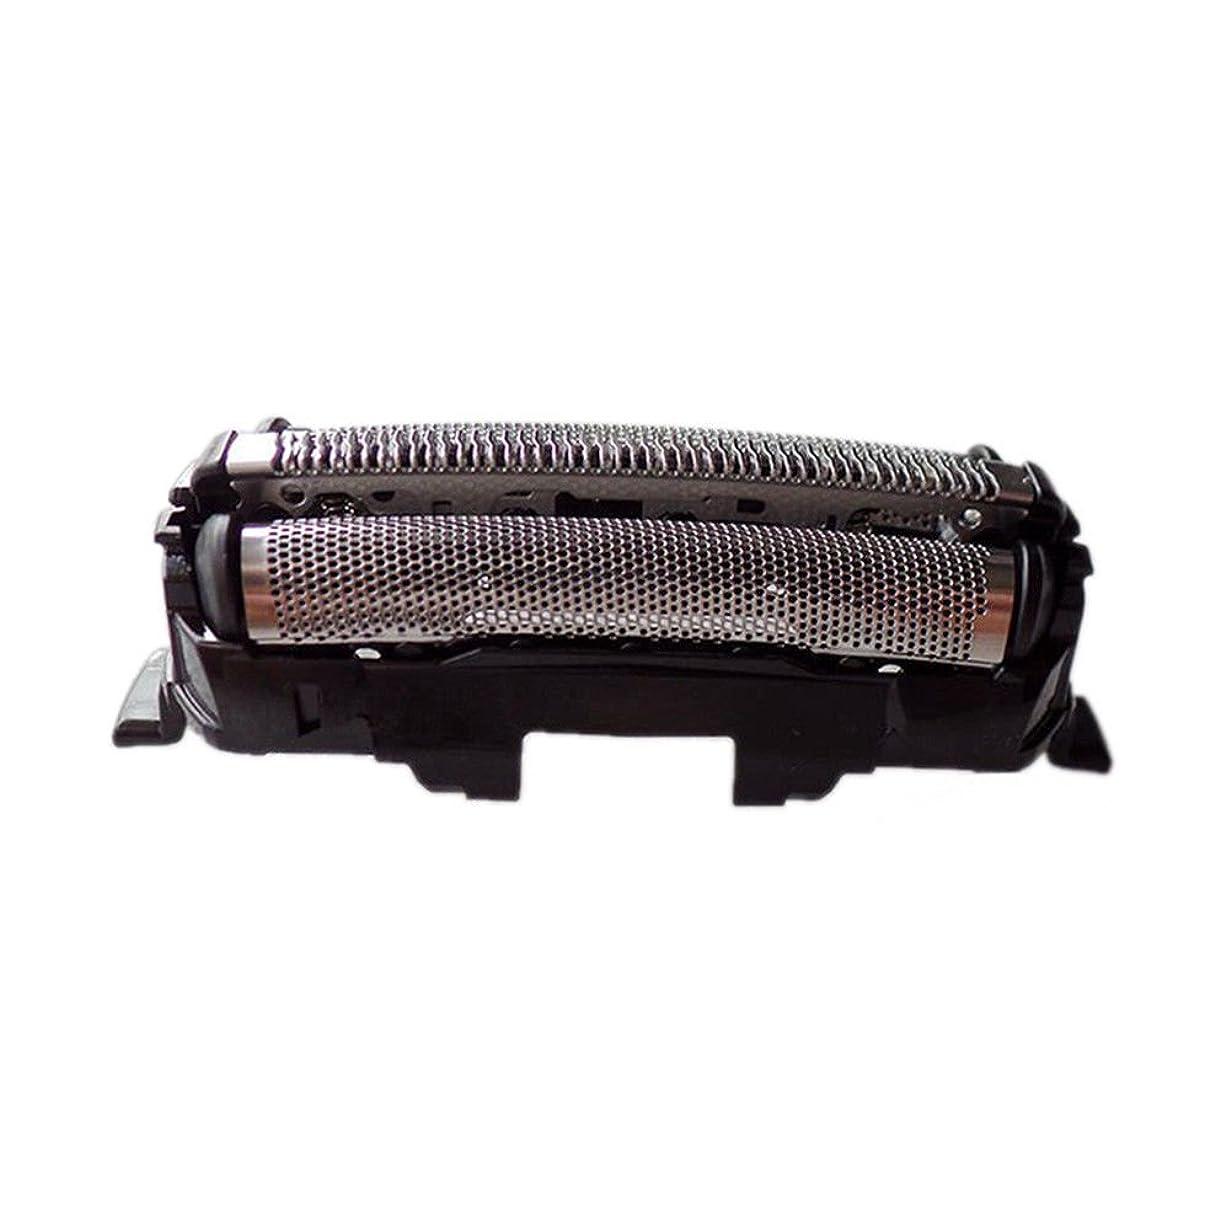 最高快適コインHzjundasi シェーバーパーツ 部品 外刃 ロータリー式シェーバー替刃 耐用 高質量 for Panasonic ES9087 ES8113 ES8116 ES-LT22/LT31